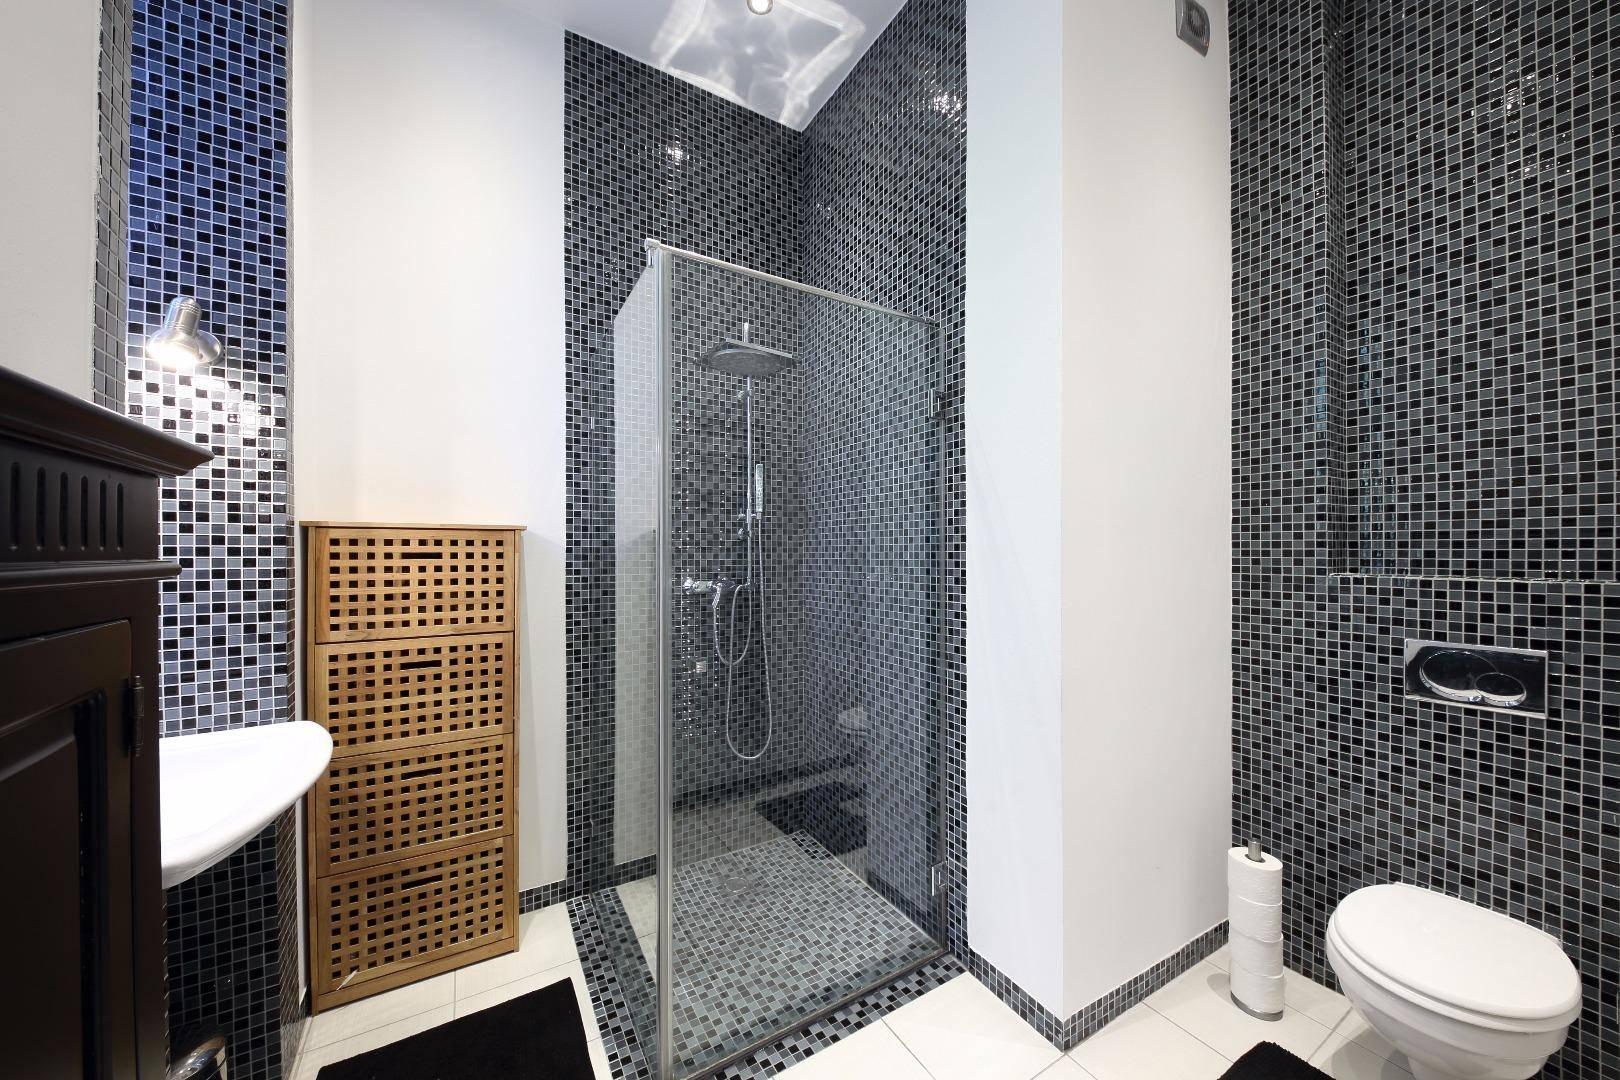 Fekete-fehéren nem unalmas a fürdőszoba - Belül tágasabb